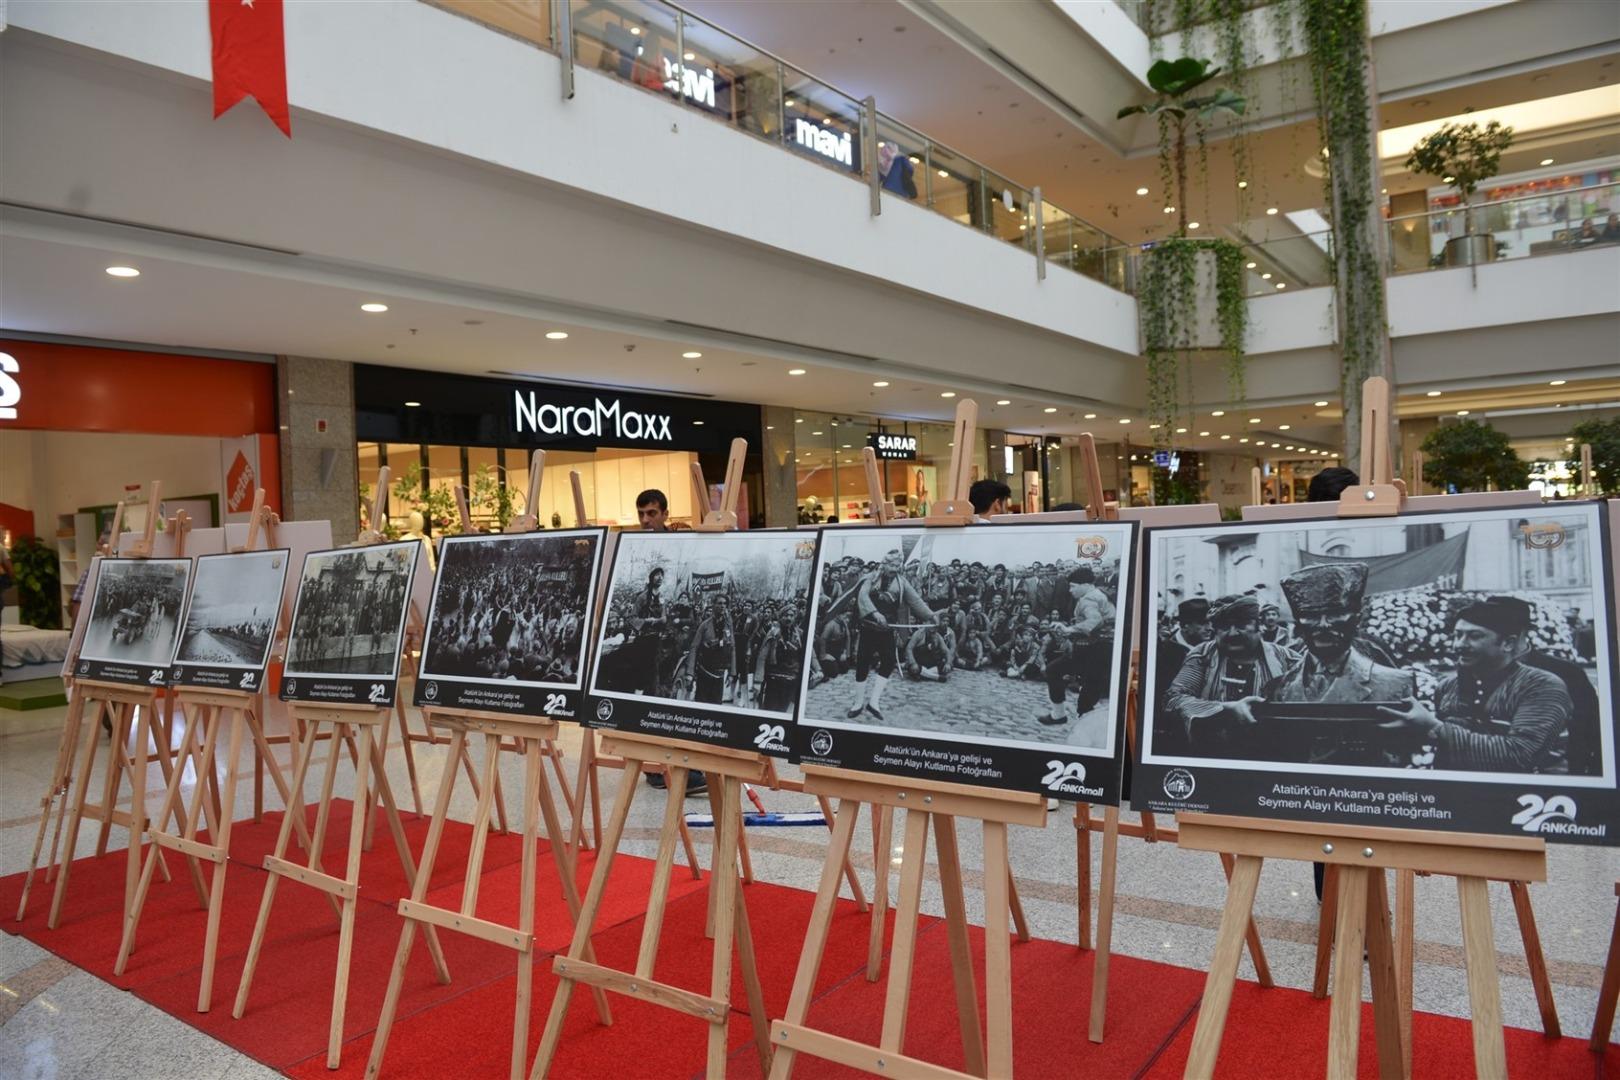 Atatürk'ün Ankara'ya gelişinin yıl dönümü kutlandı